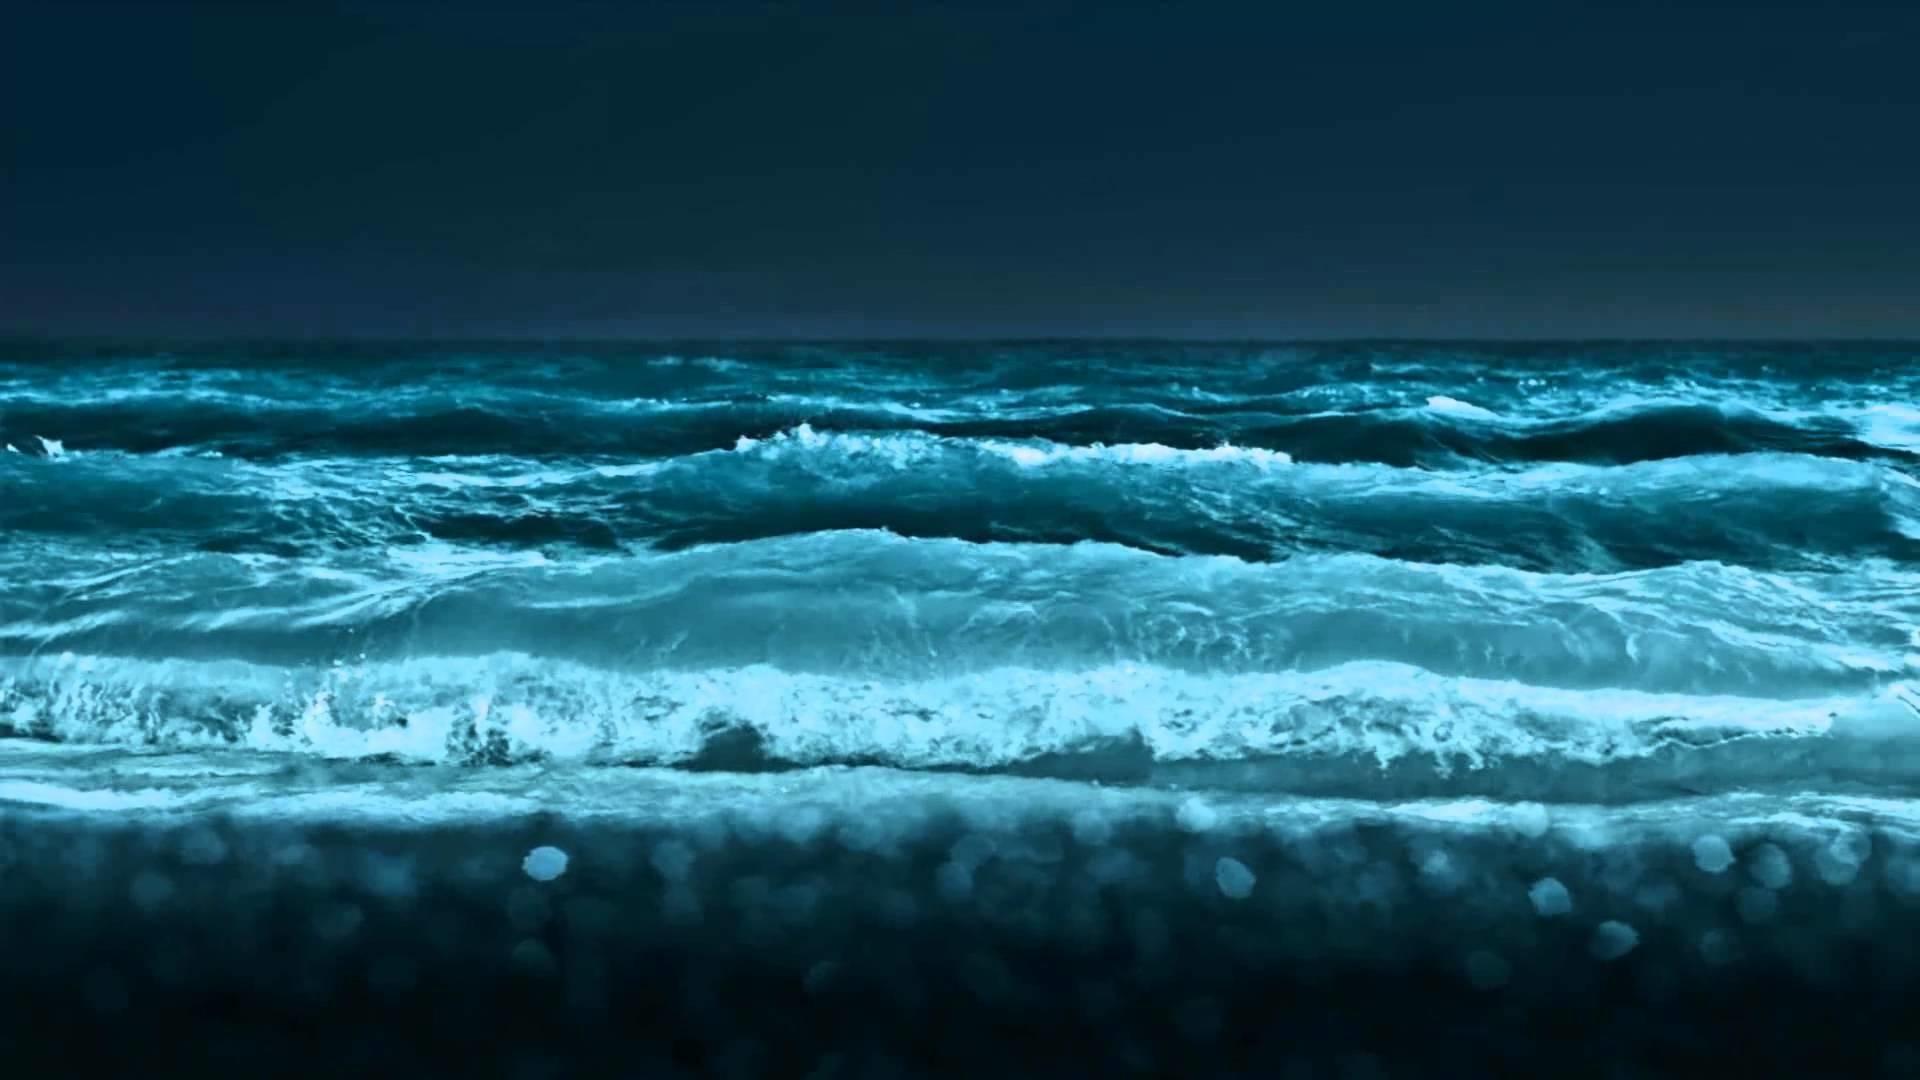 Ocean Waves Animated Wallpaper https://www.desktopanimated.com